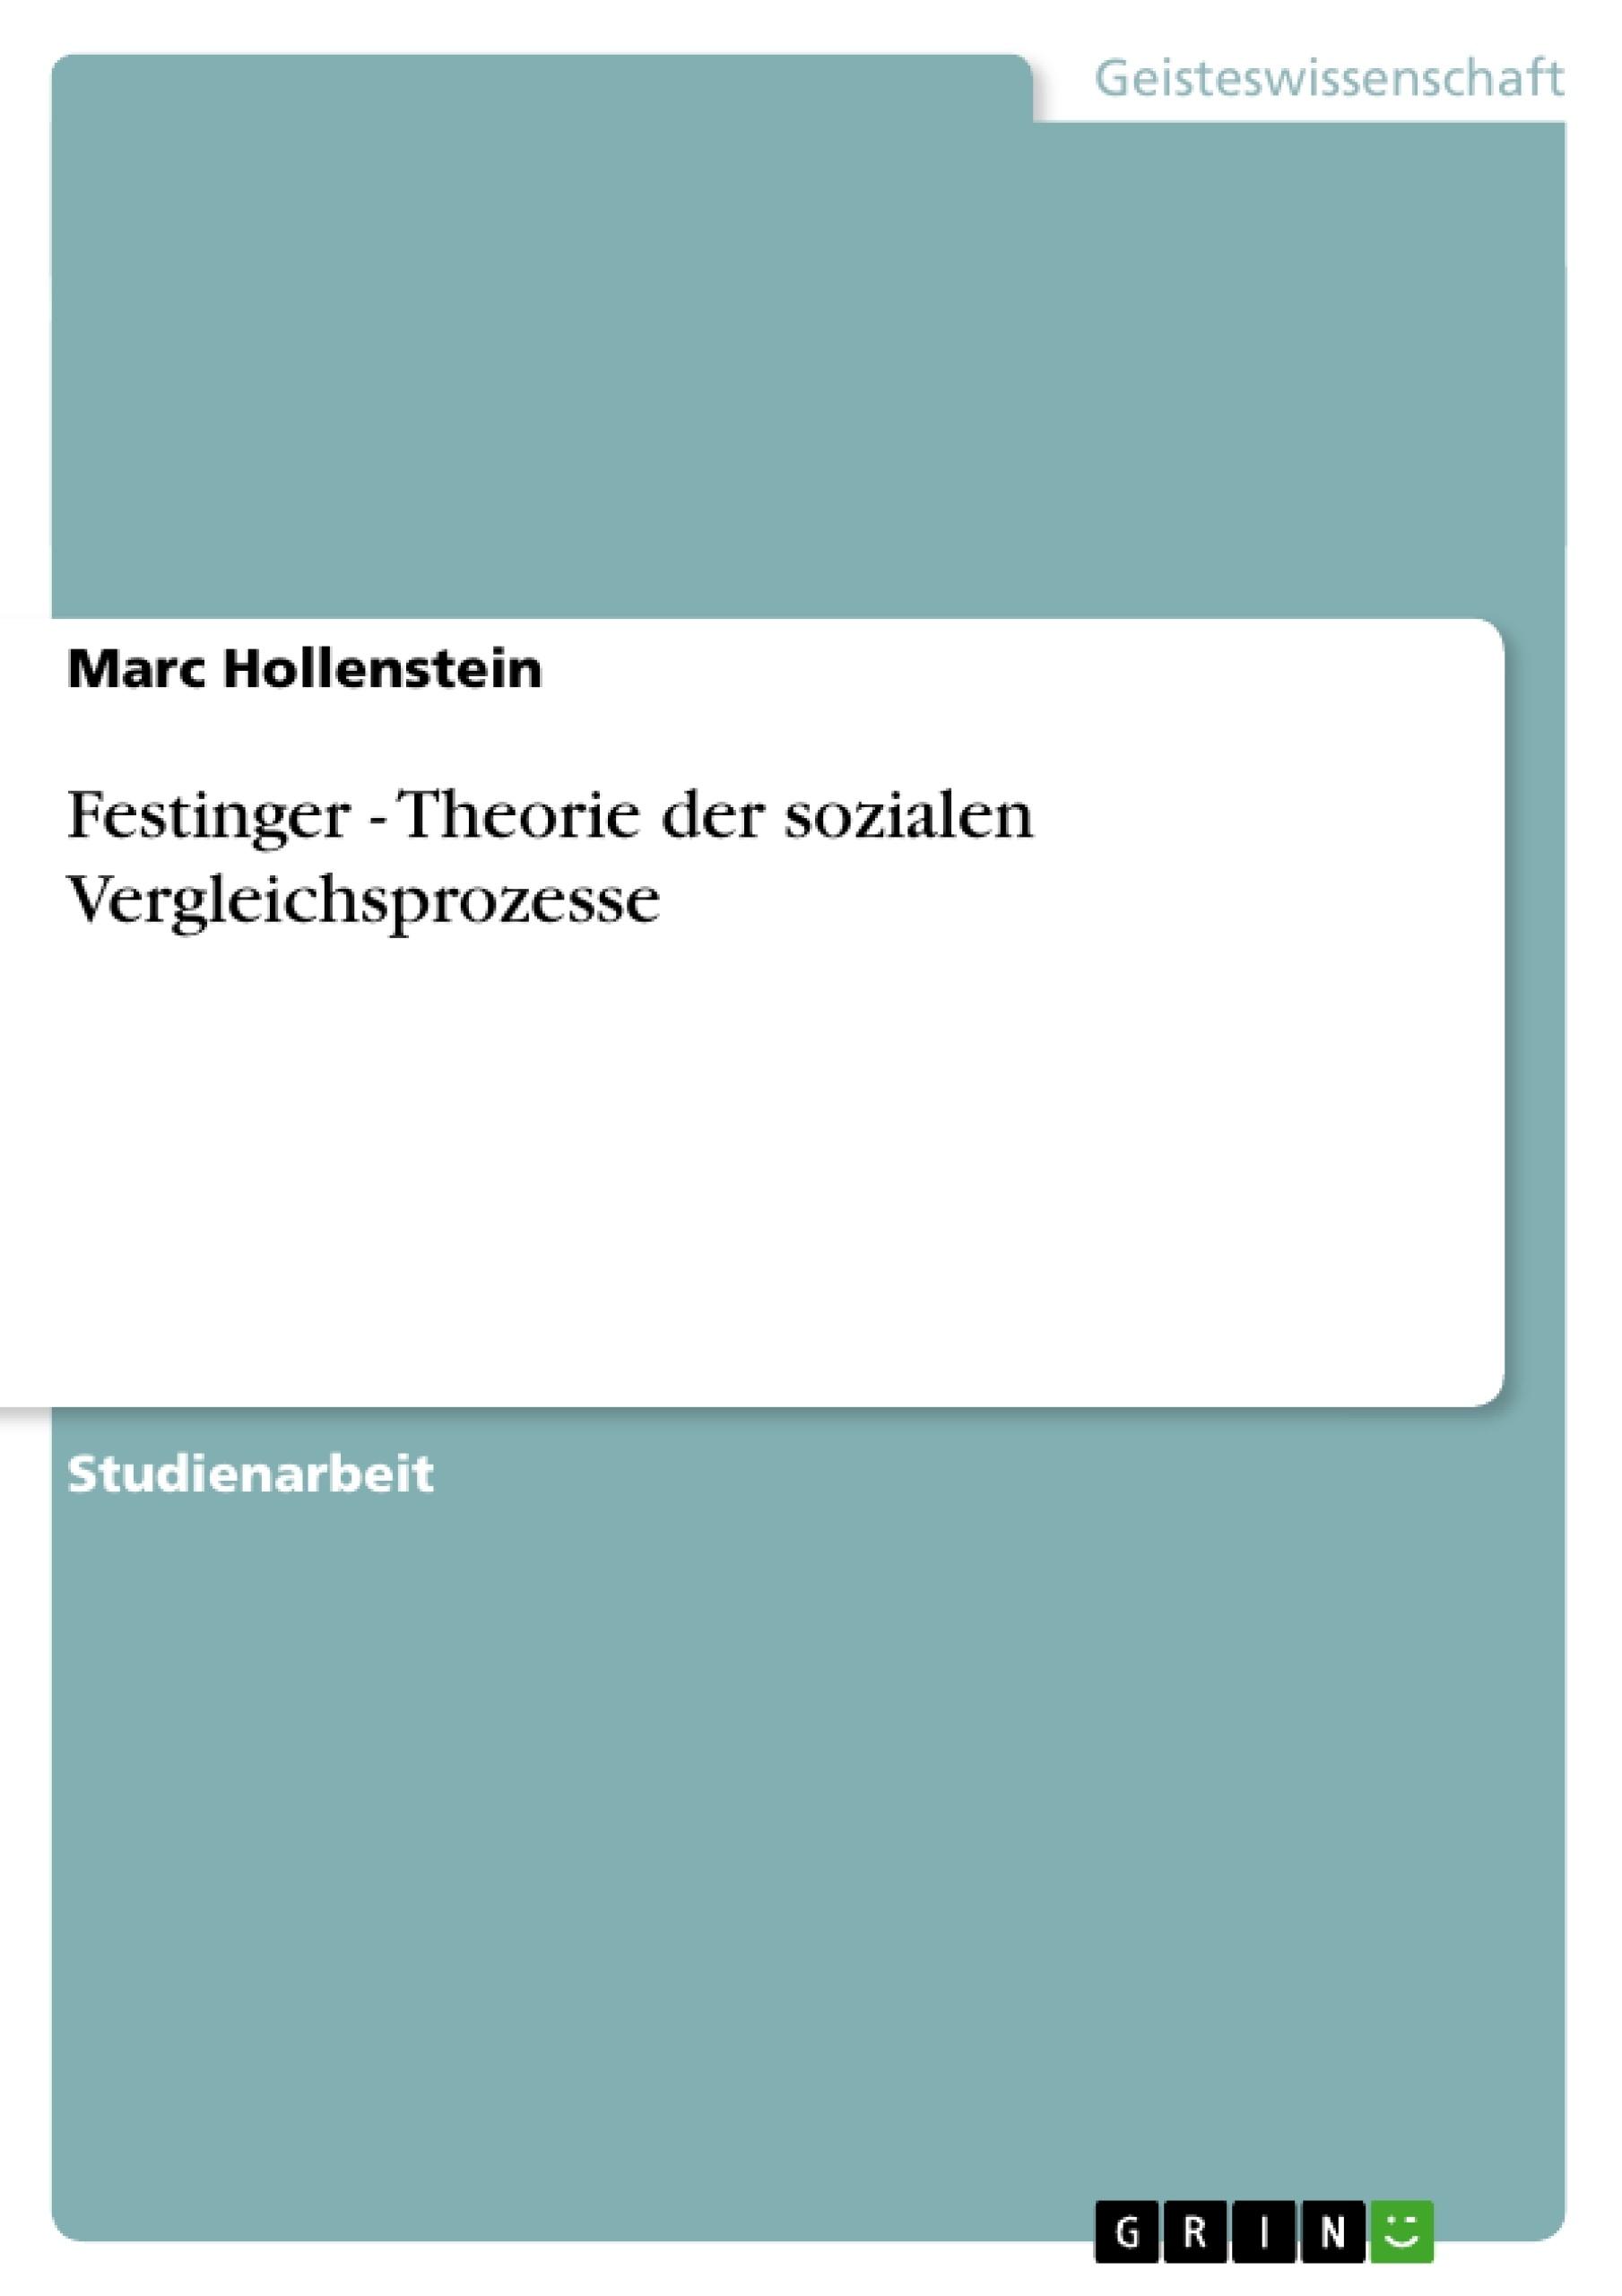 Titel: Festinger - Theorie der sozialen Vergleichsprozesse